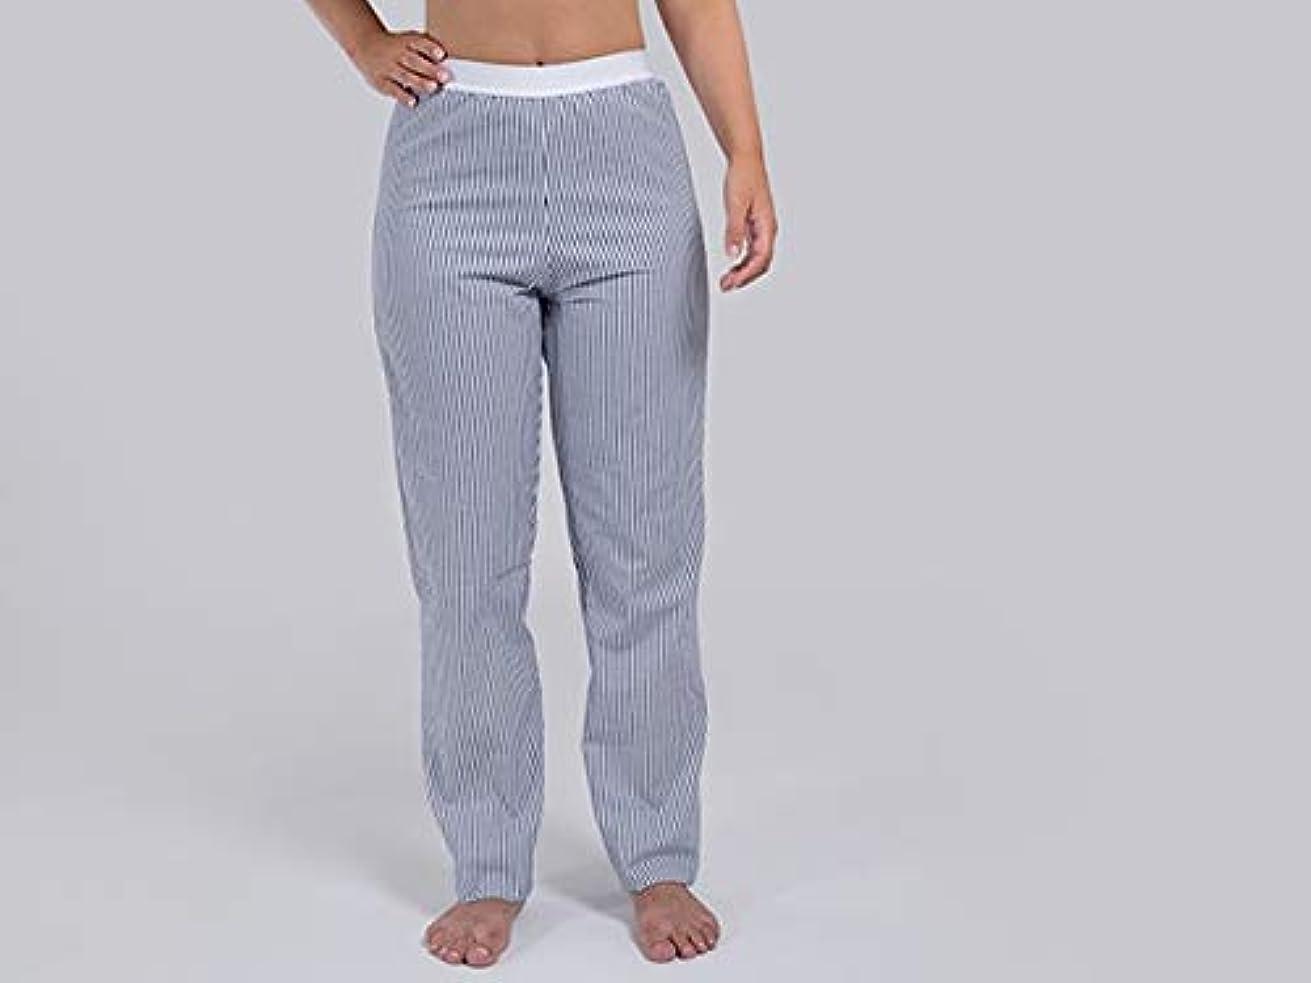 豊富嫉妬低いおなら消臭パジャマ エチケットパジャマ イギリス製シュレディーズ